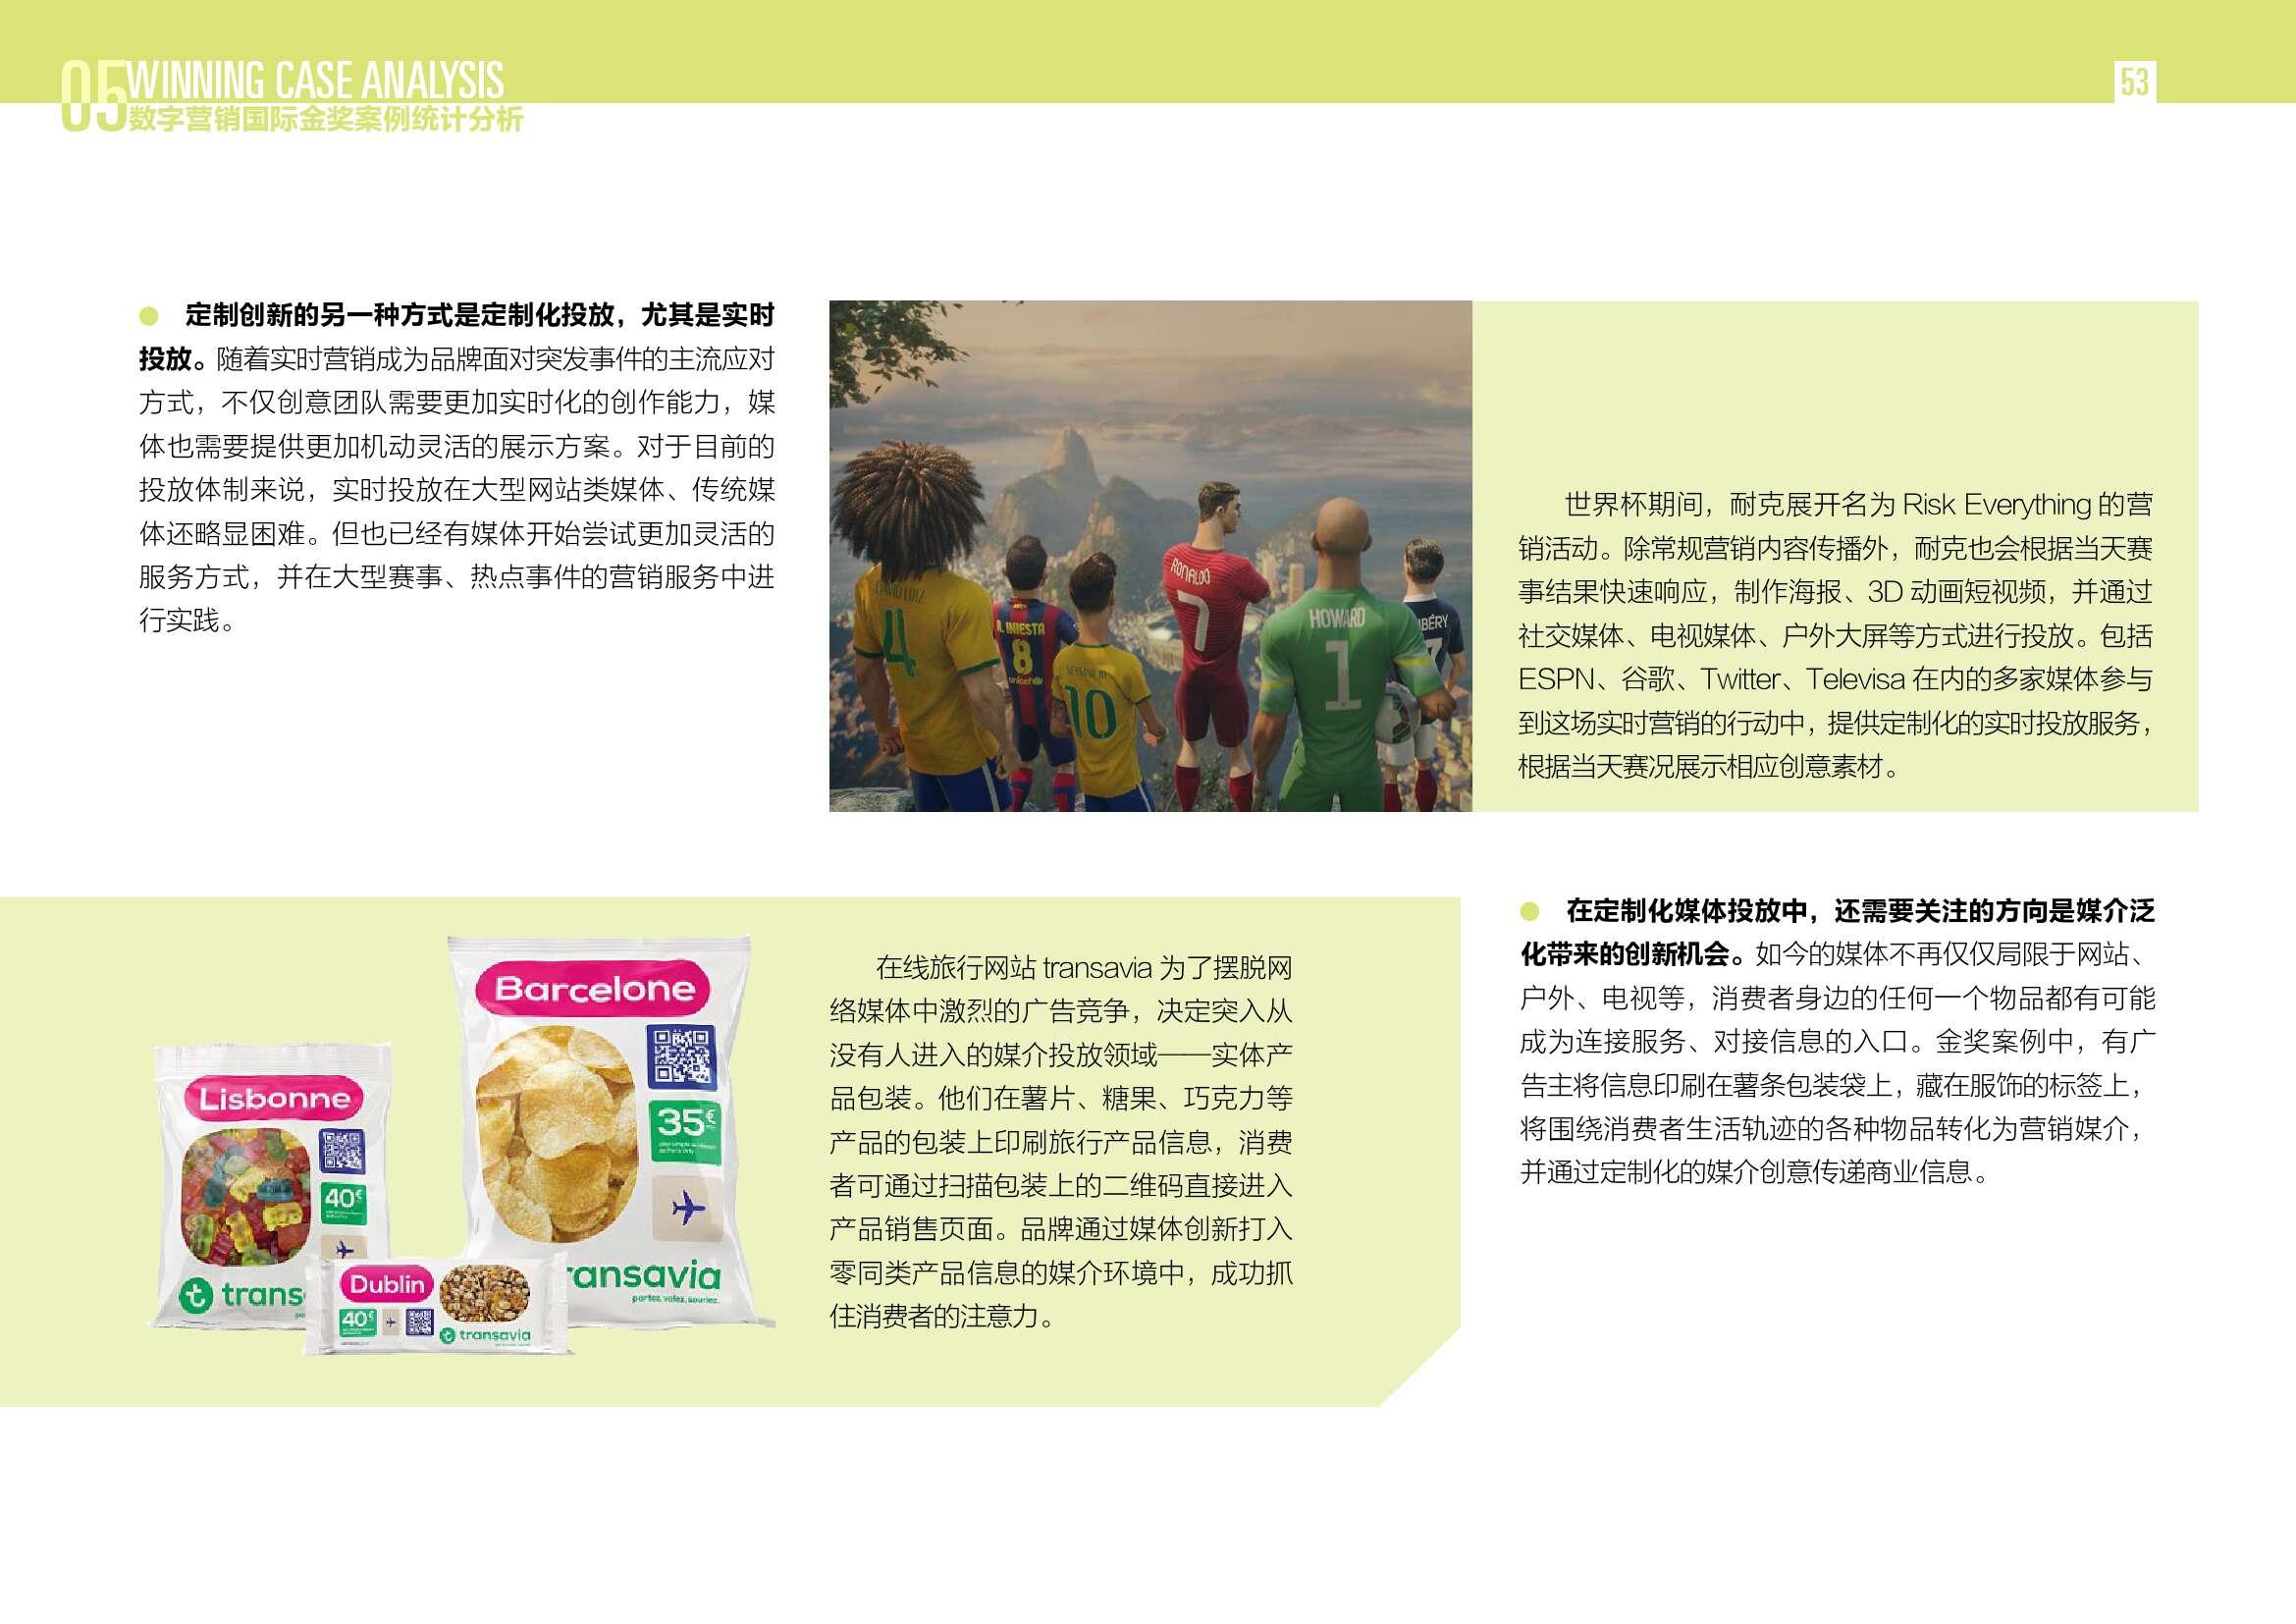 2016中国数字营销行动报告_000053